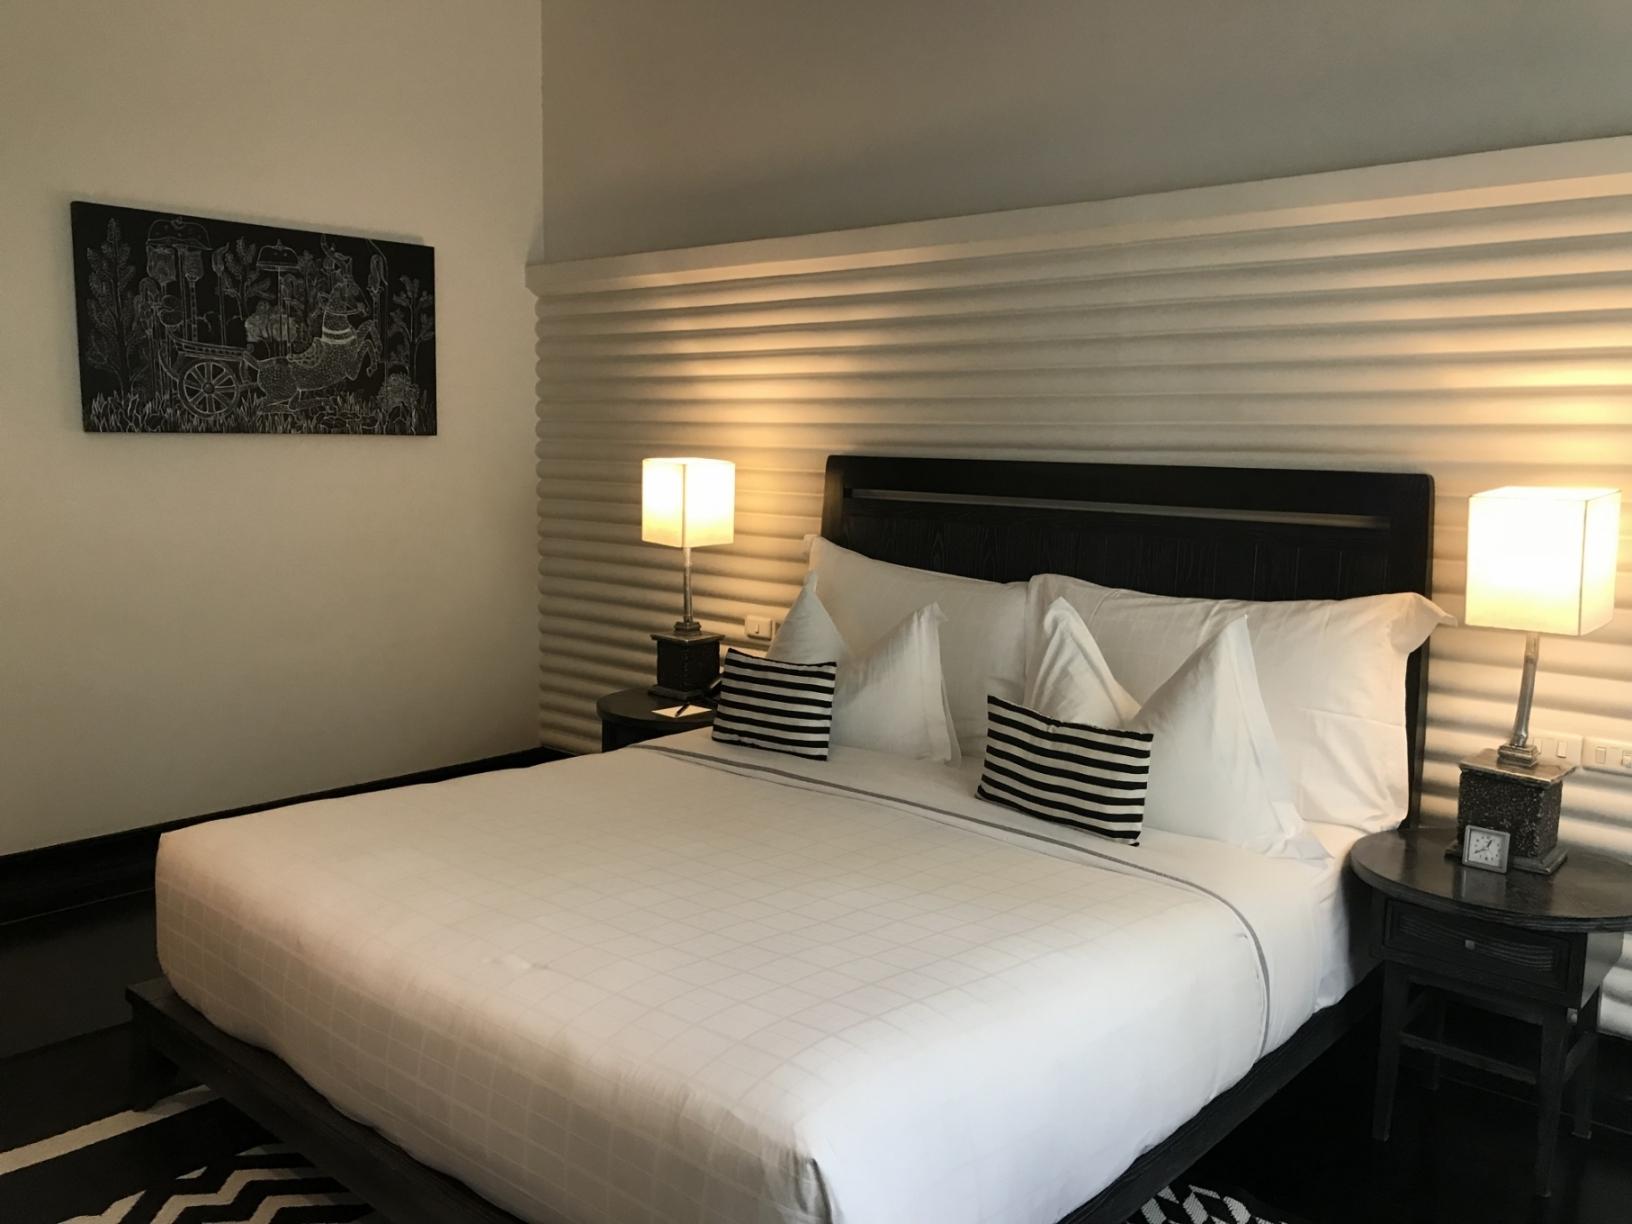 ★☆★素敵ホテルで優雅なカンボジア滞在のすすめ★☆★